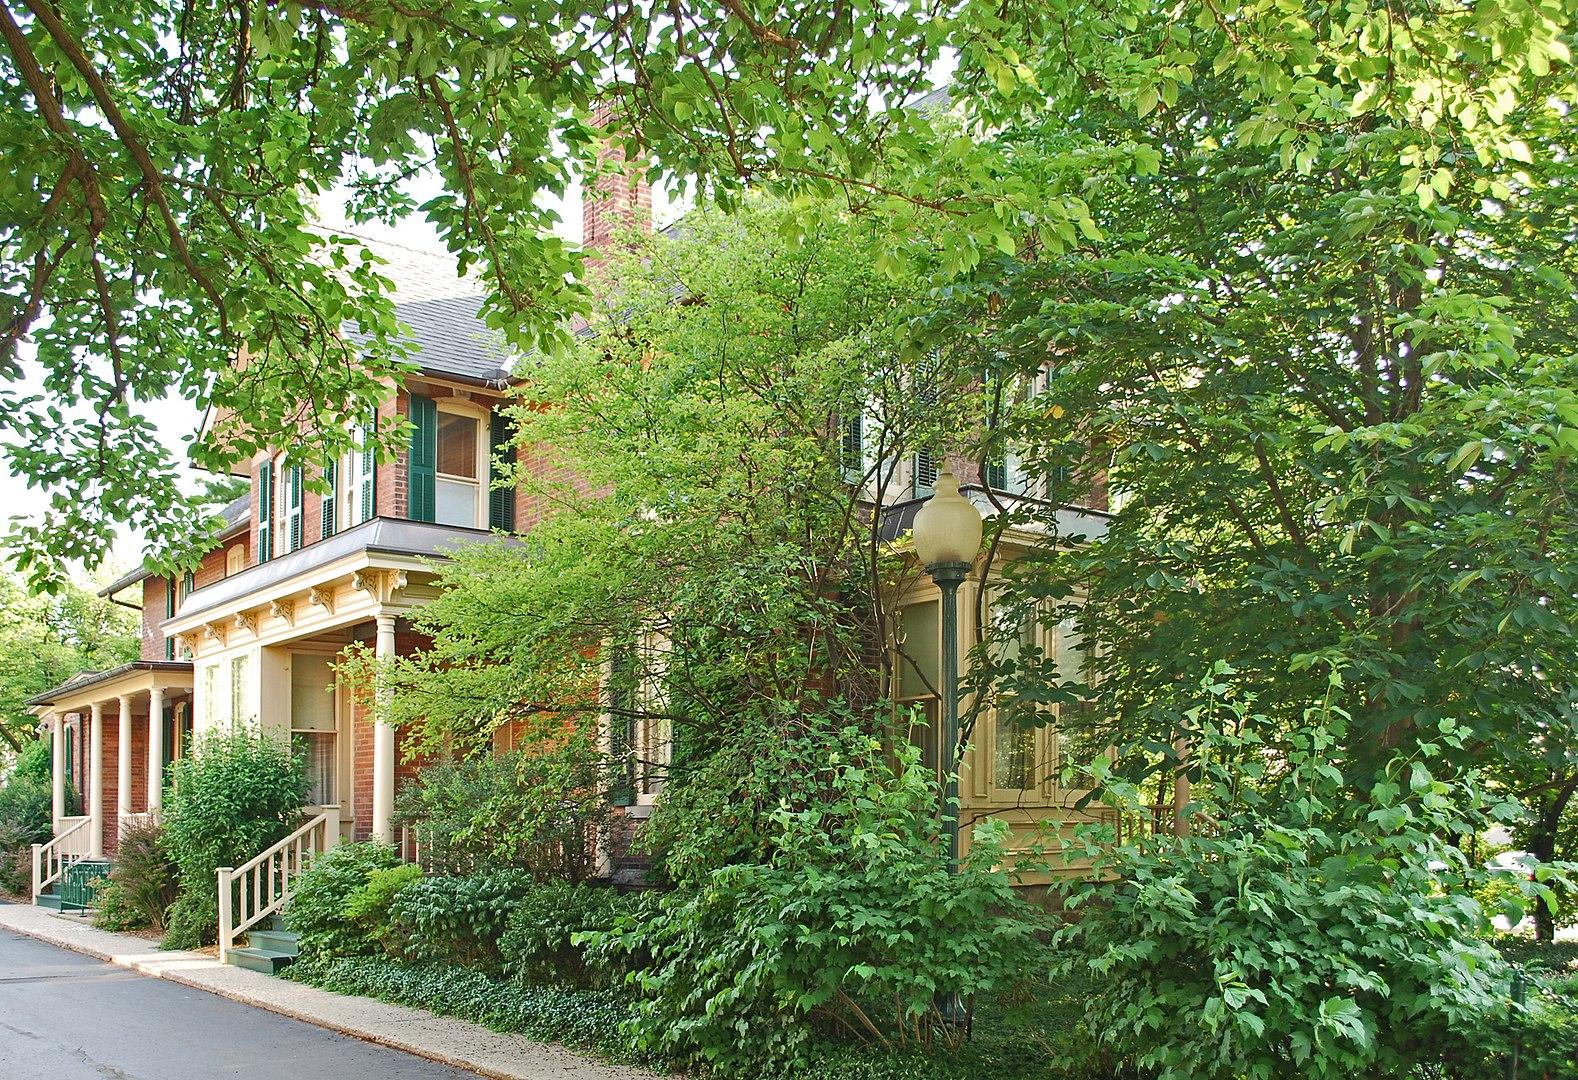 Historic Jacob Hoffstetter House in Ann Arbor